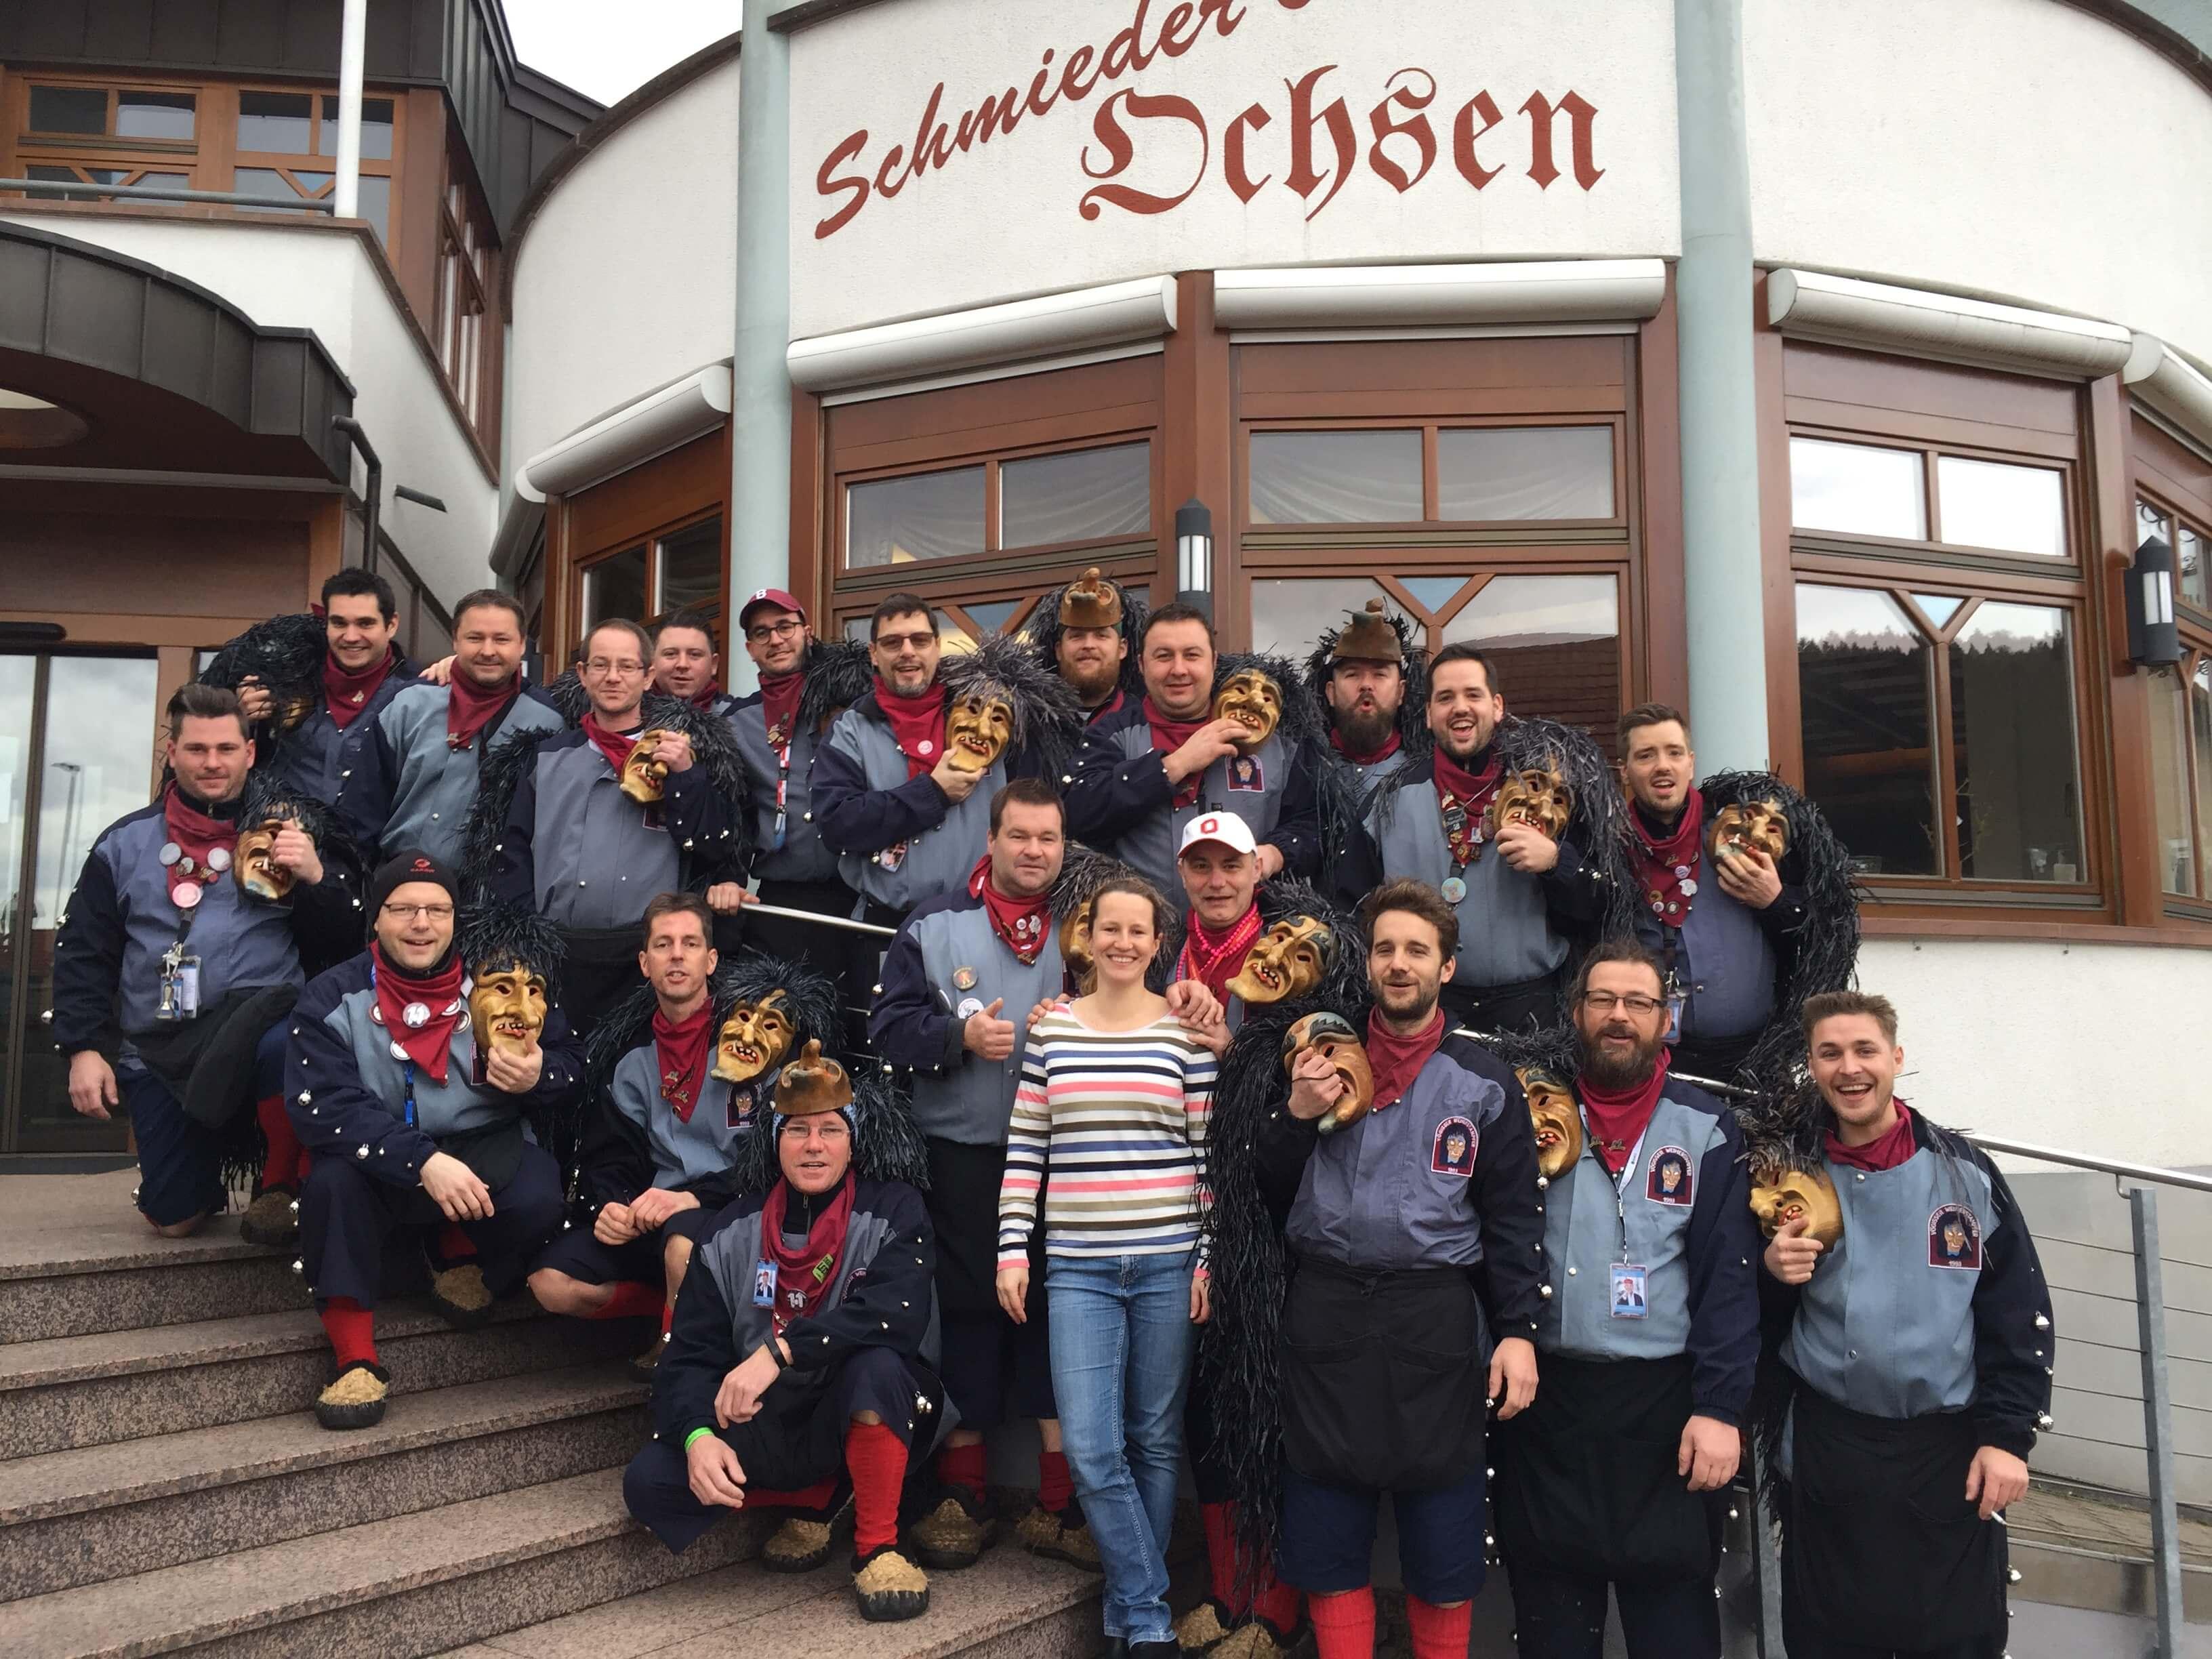 Gruppe-schwarzwald-hotel-pension-schmieders ochsen